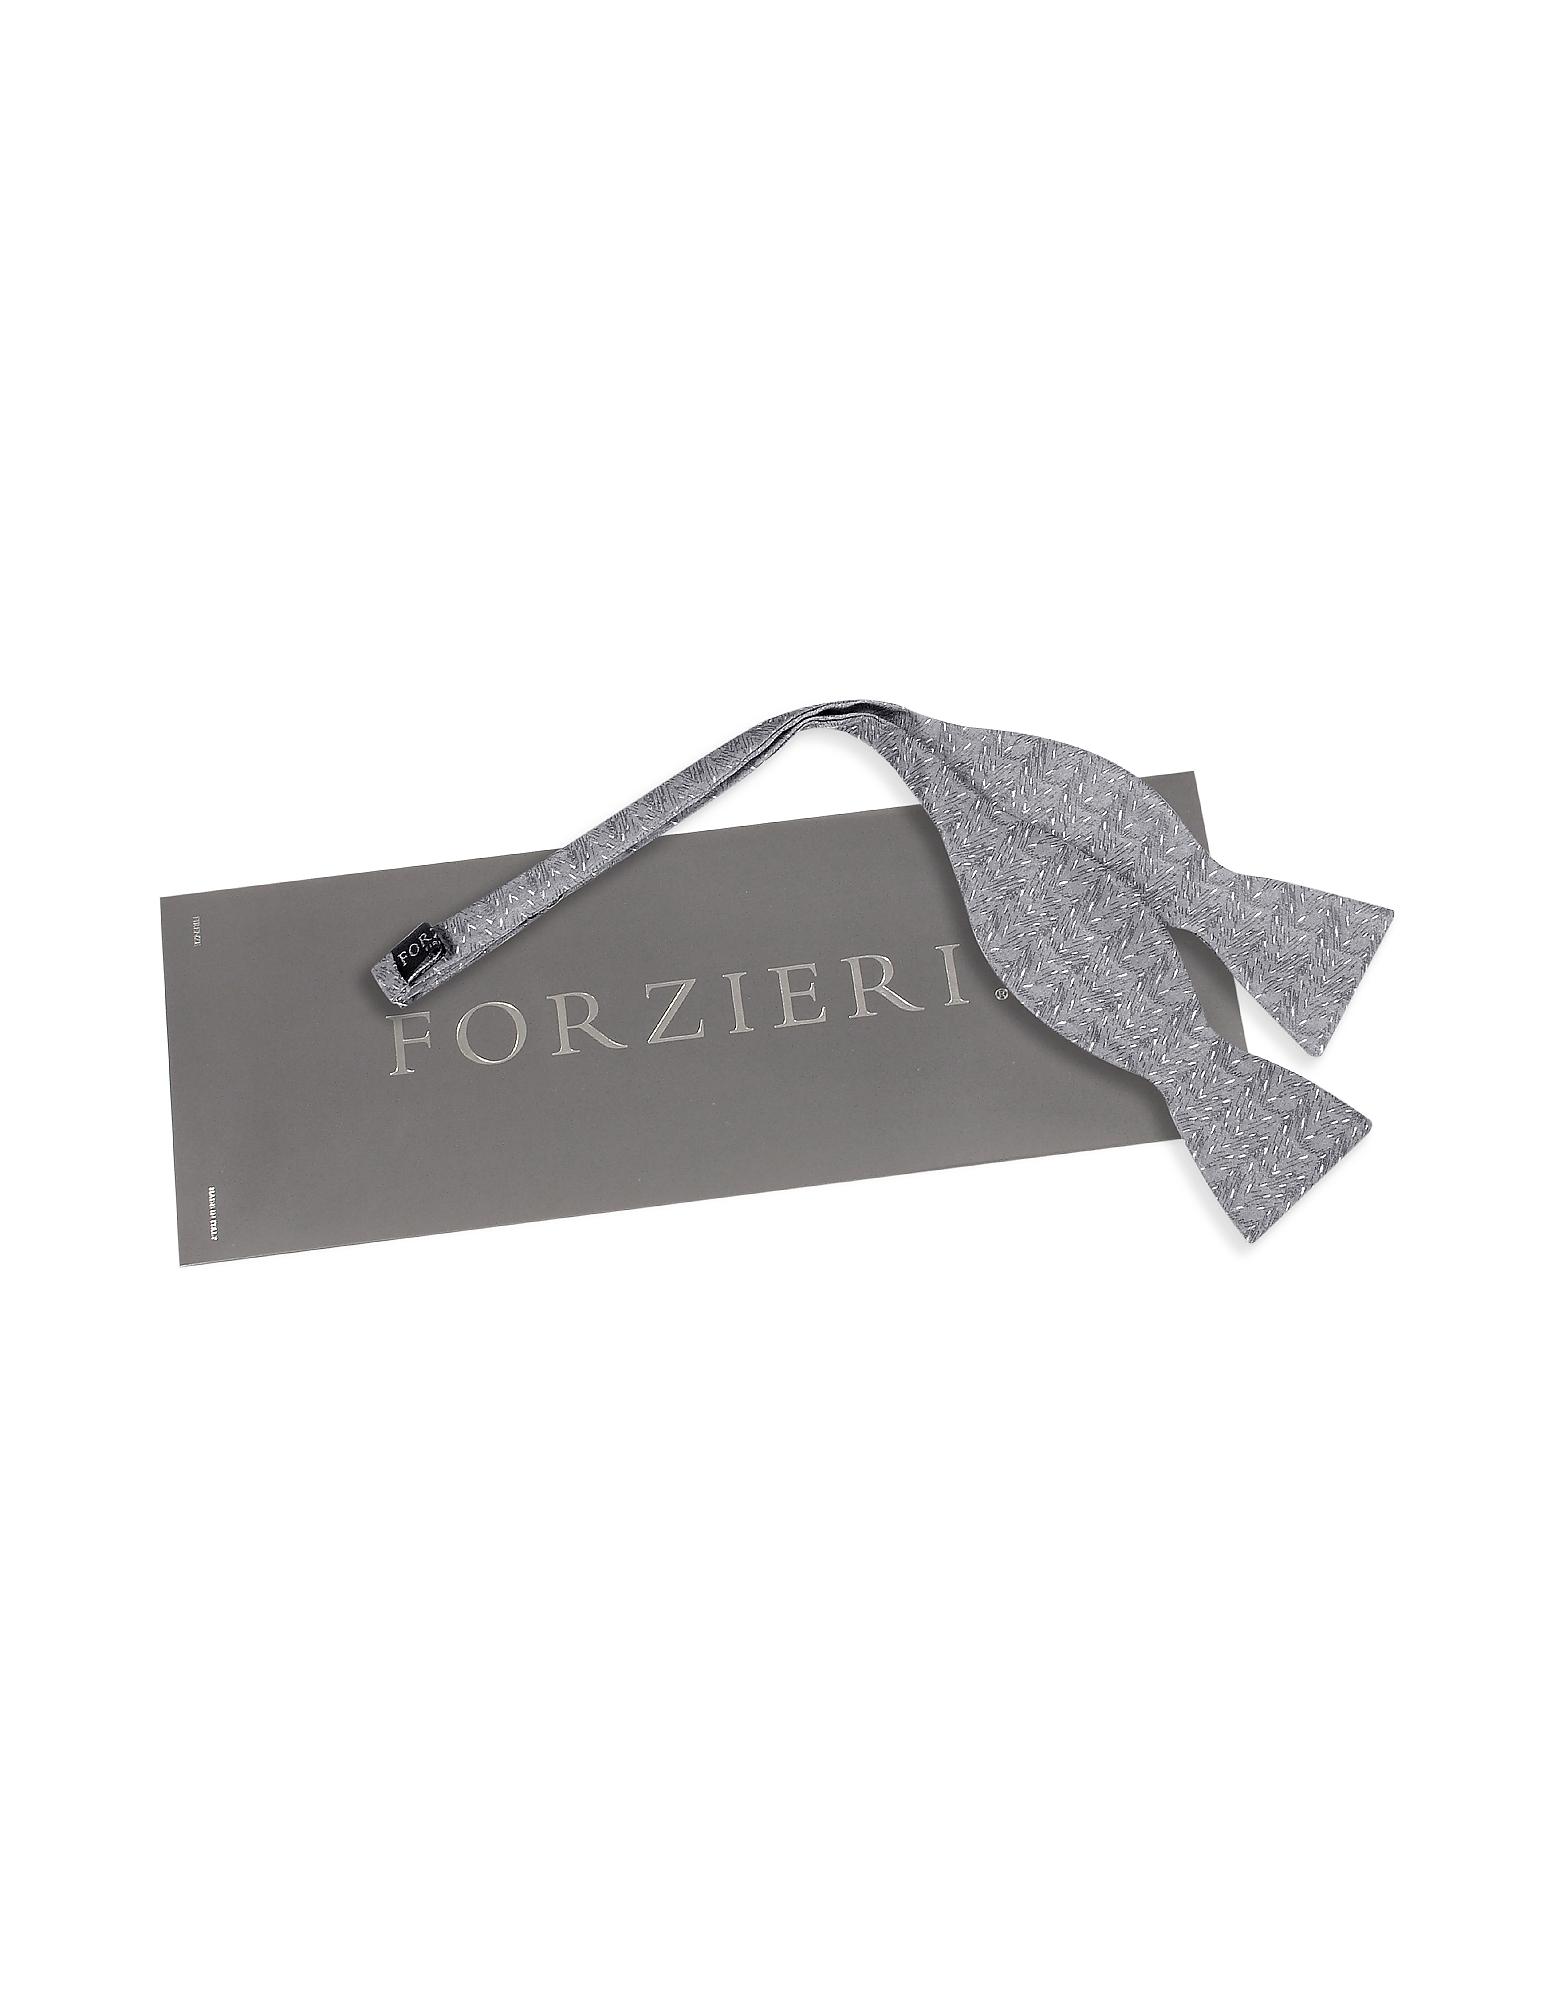 Ceremony Gray Zig-Zag Woven Silk Self-tie Bowtie от Forzieri.com INT